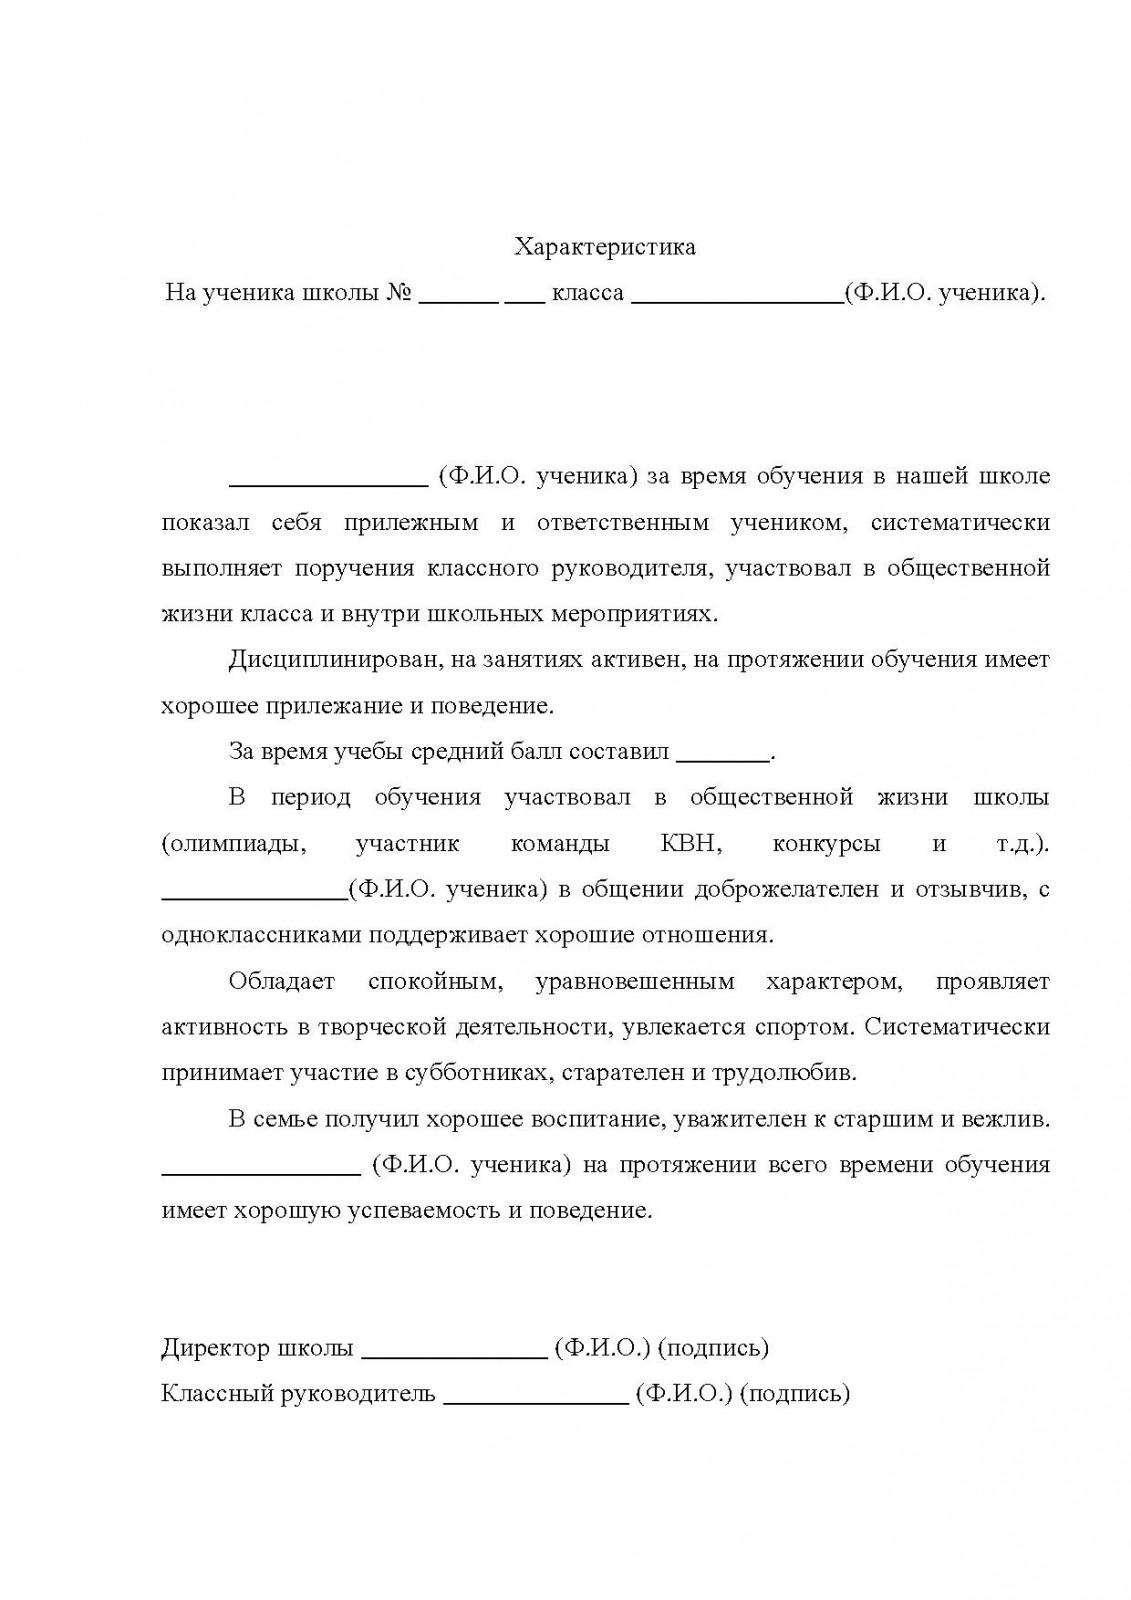 harakteristika-na-uchenika-1-klassa-ot-klassnogo-rukovoditelya-gotovaya